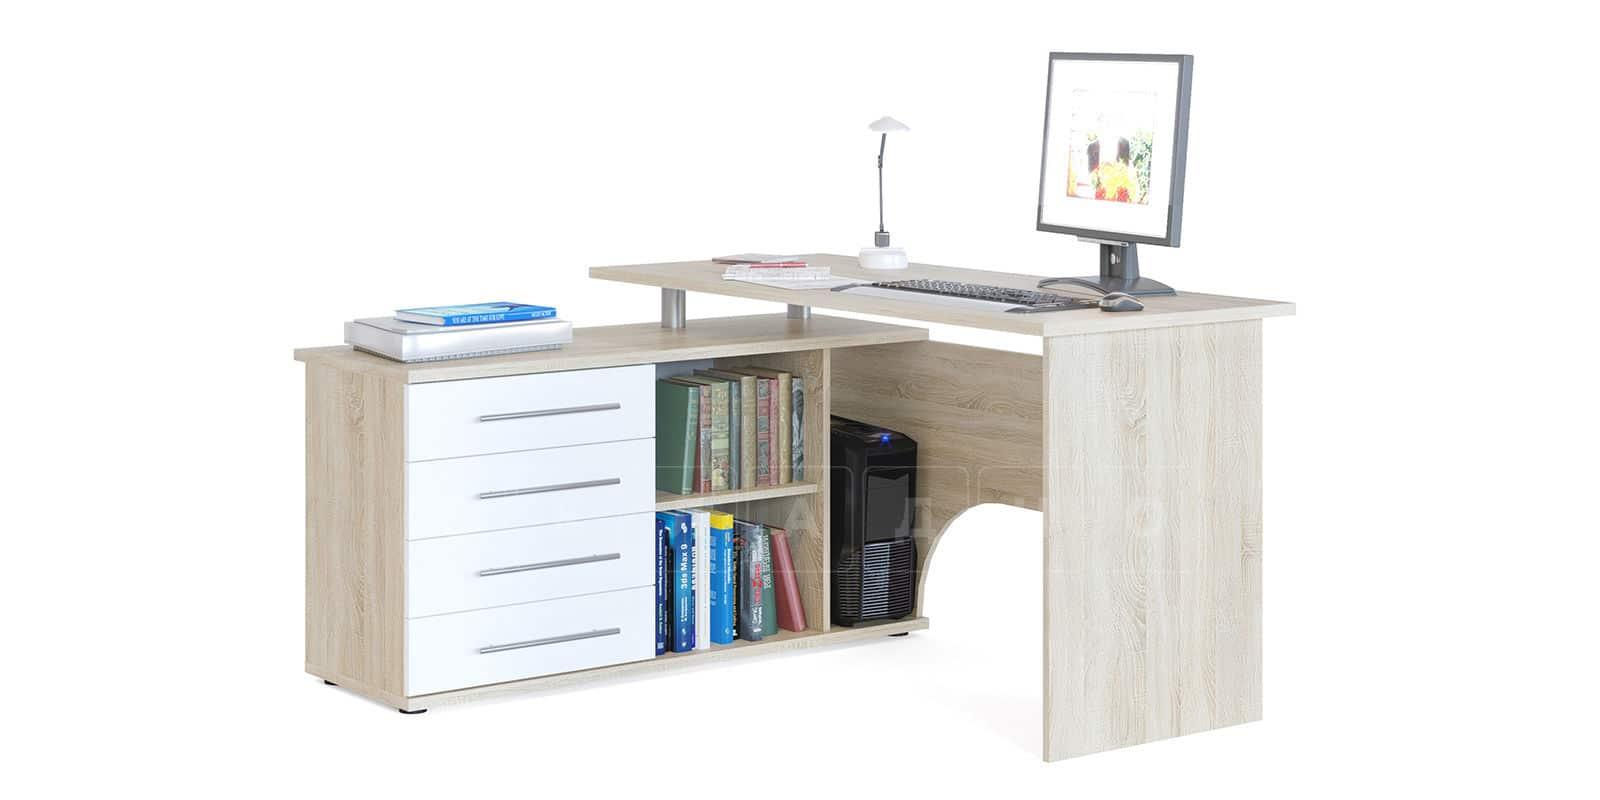 Компьютерный стол Сноу угловой дуб сонома фото 1 | интернет-магазин Складно